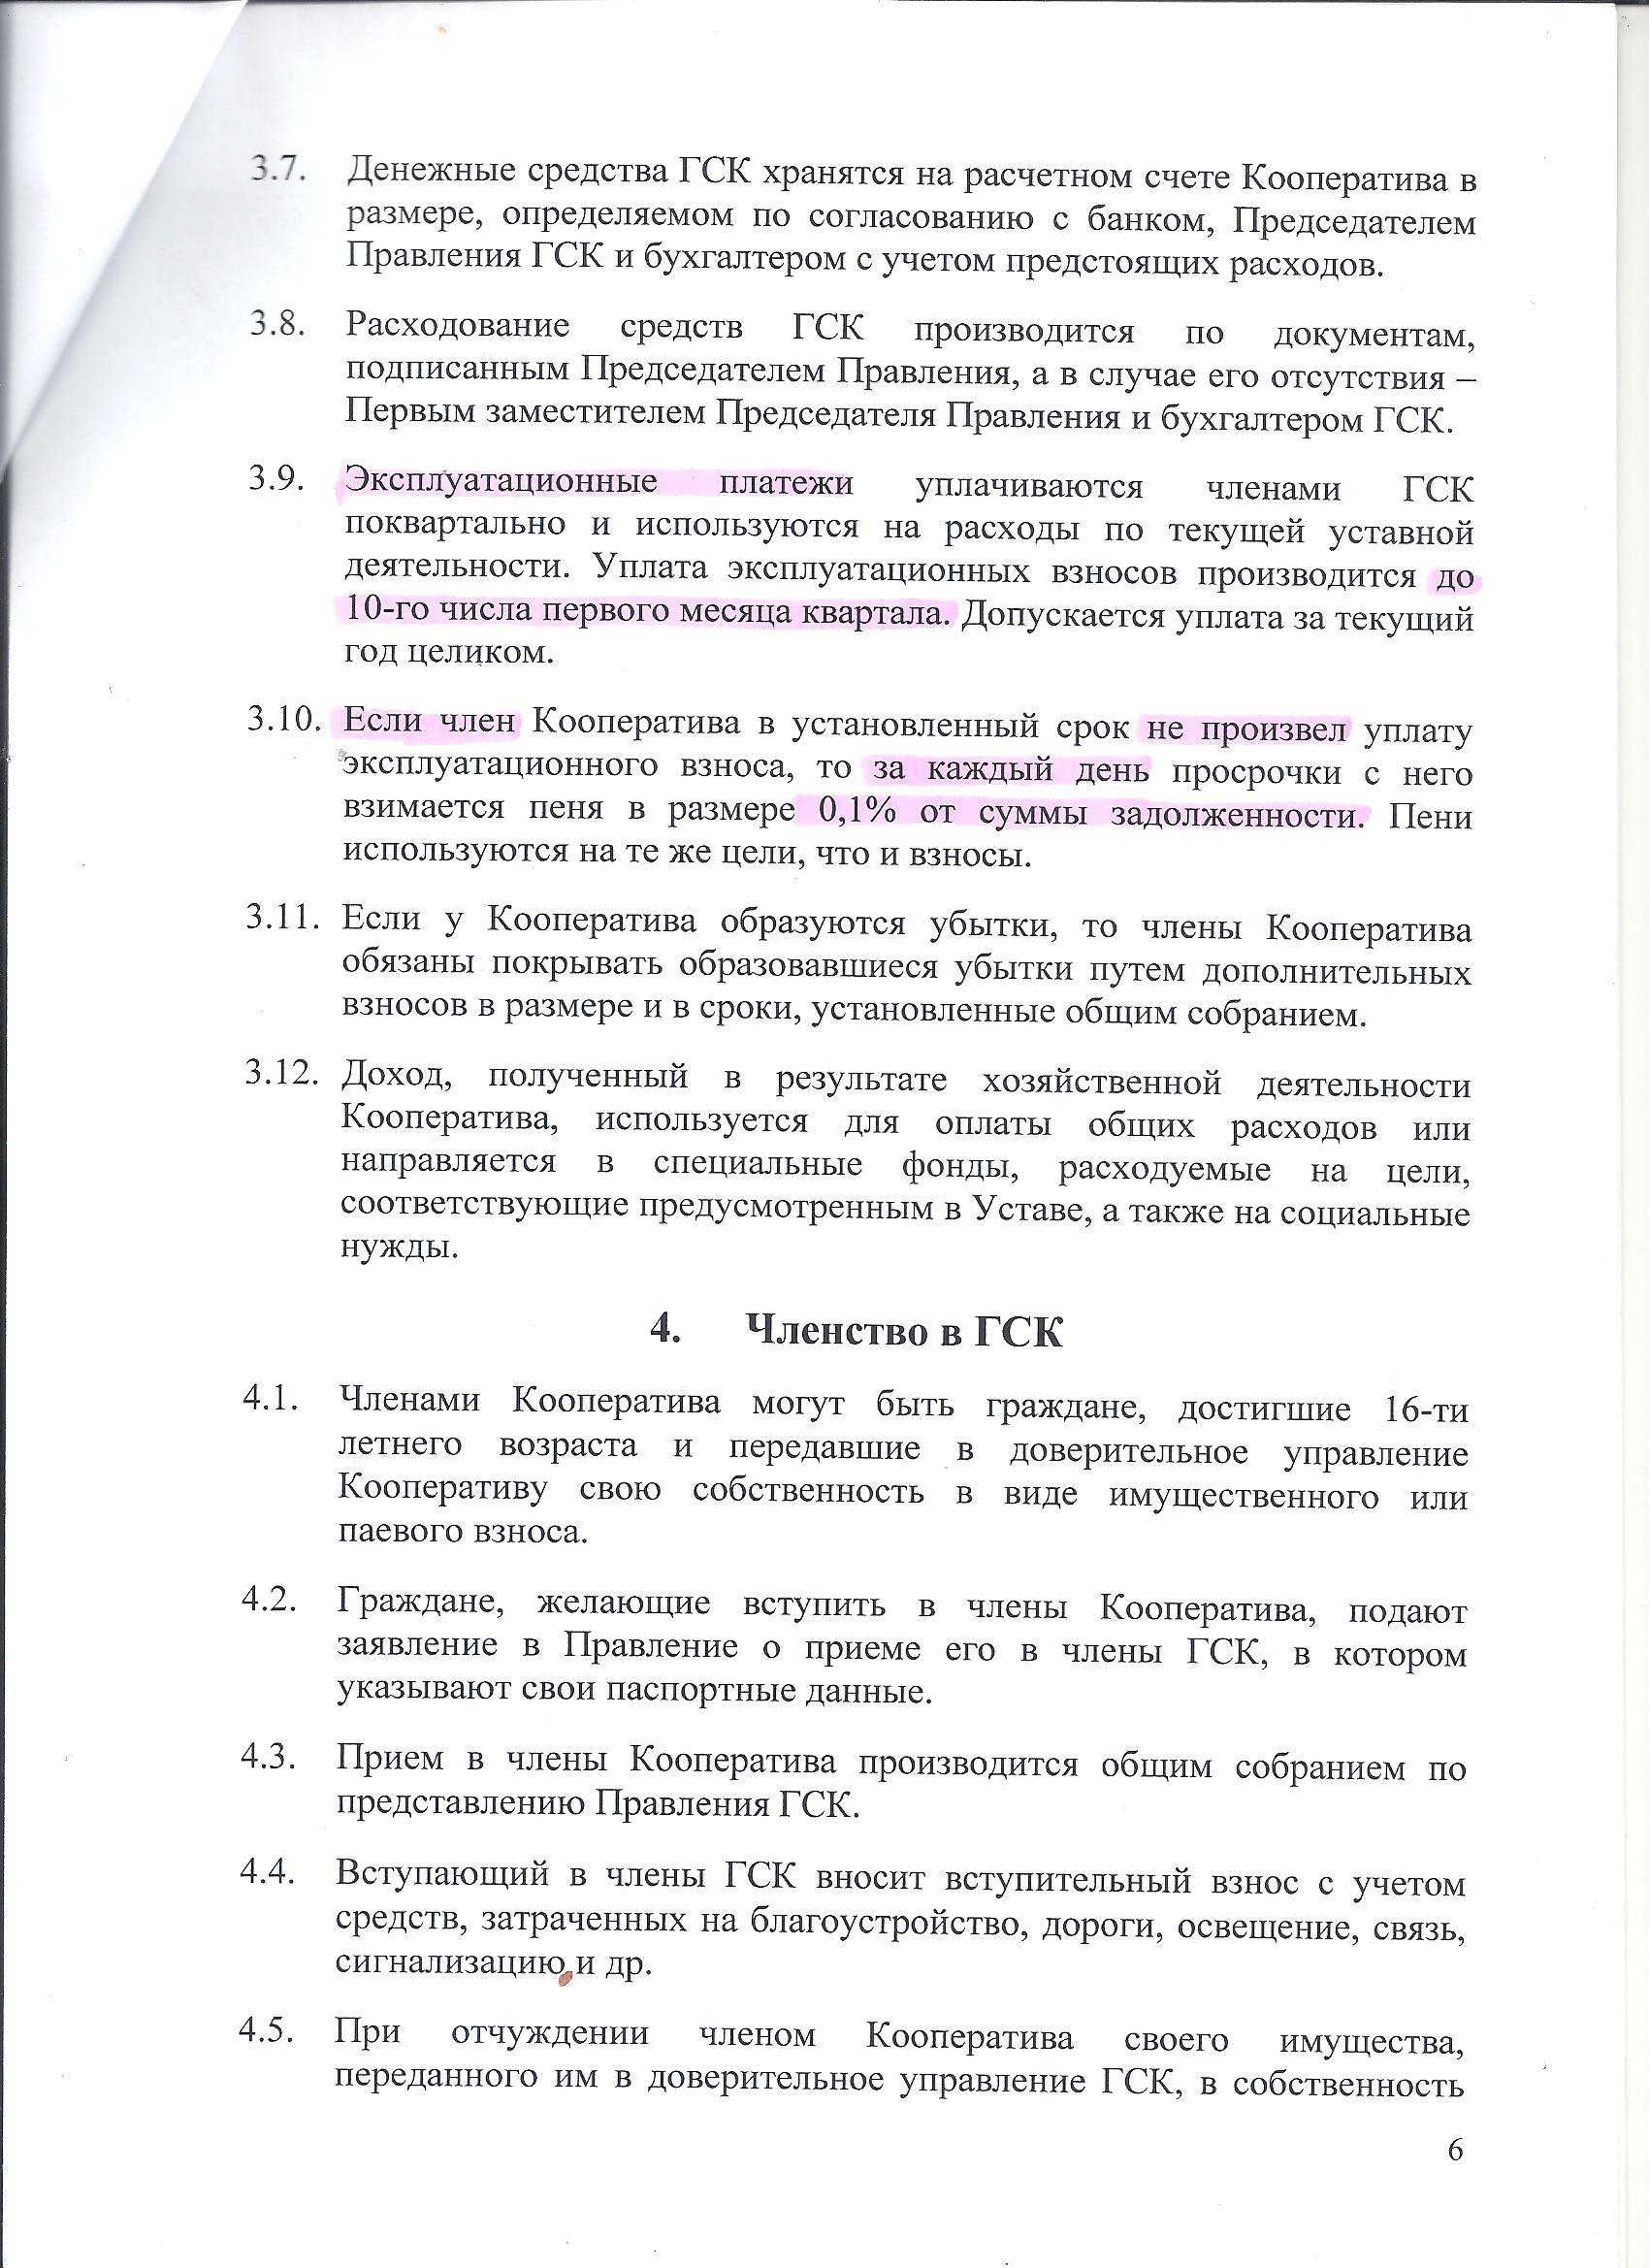 http://forumupload.ru/uploads/0018/e6/9c/2/53711.jpg